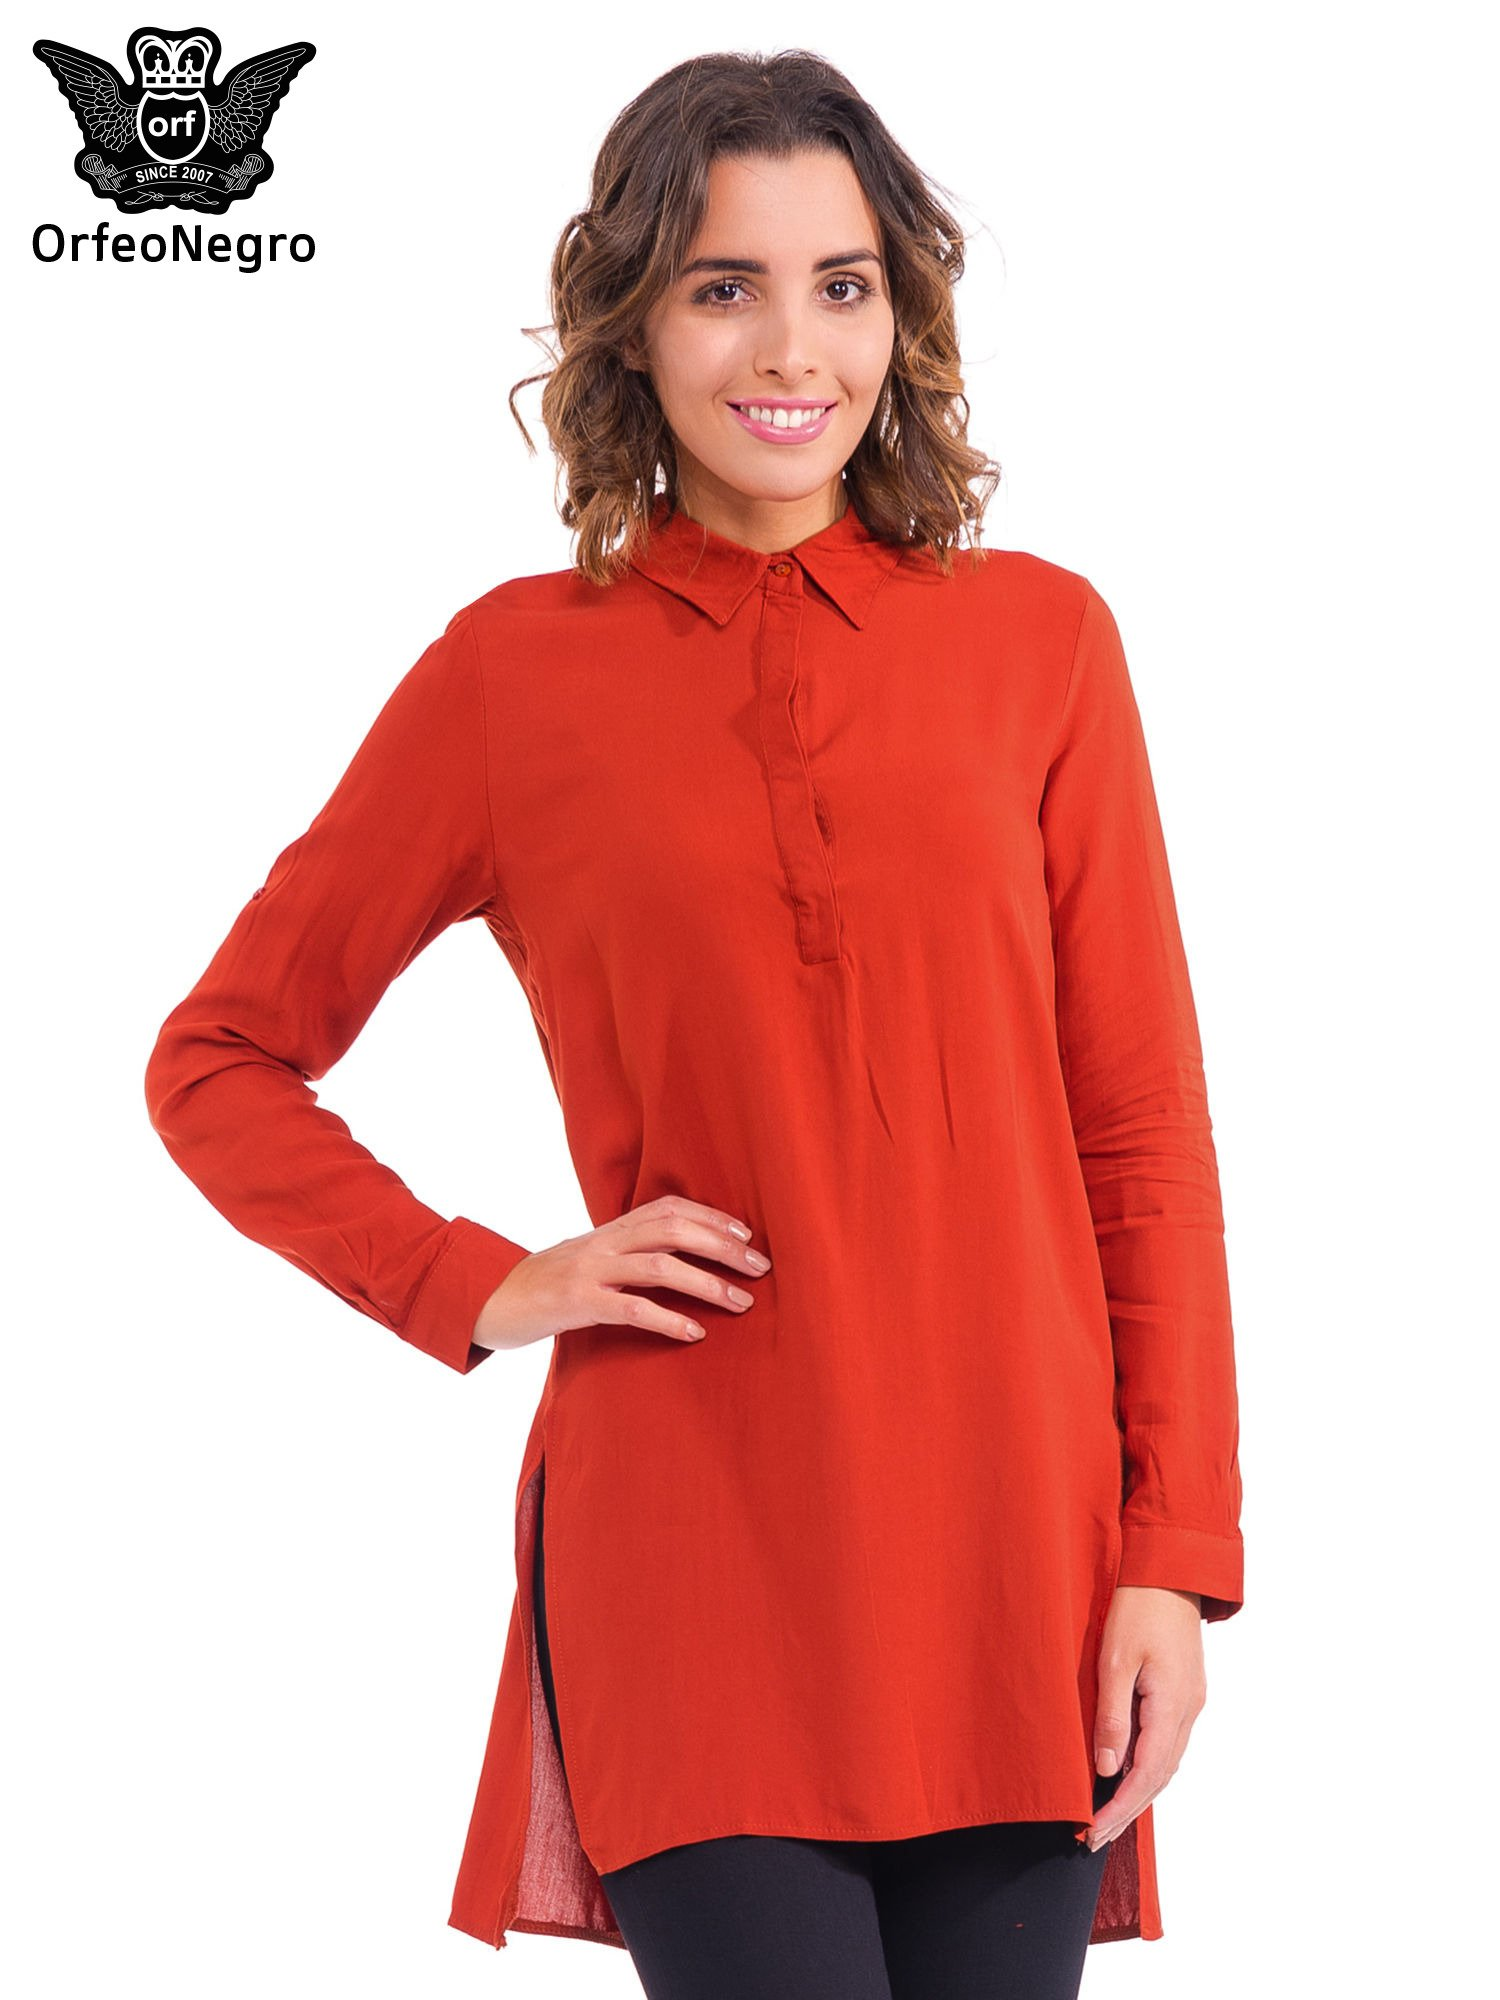 Czerwona koszulotunika z rozcięciami                                  zdj.                                  1